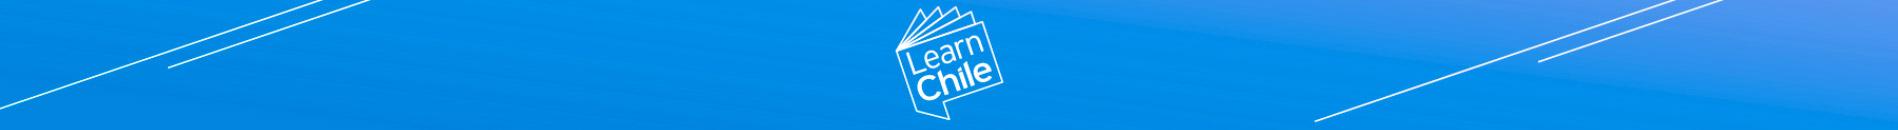 LearnChile